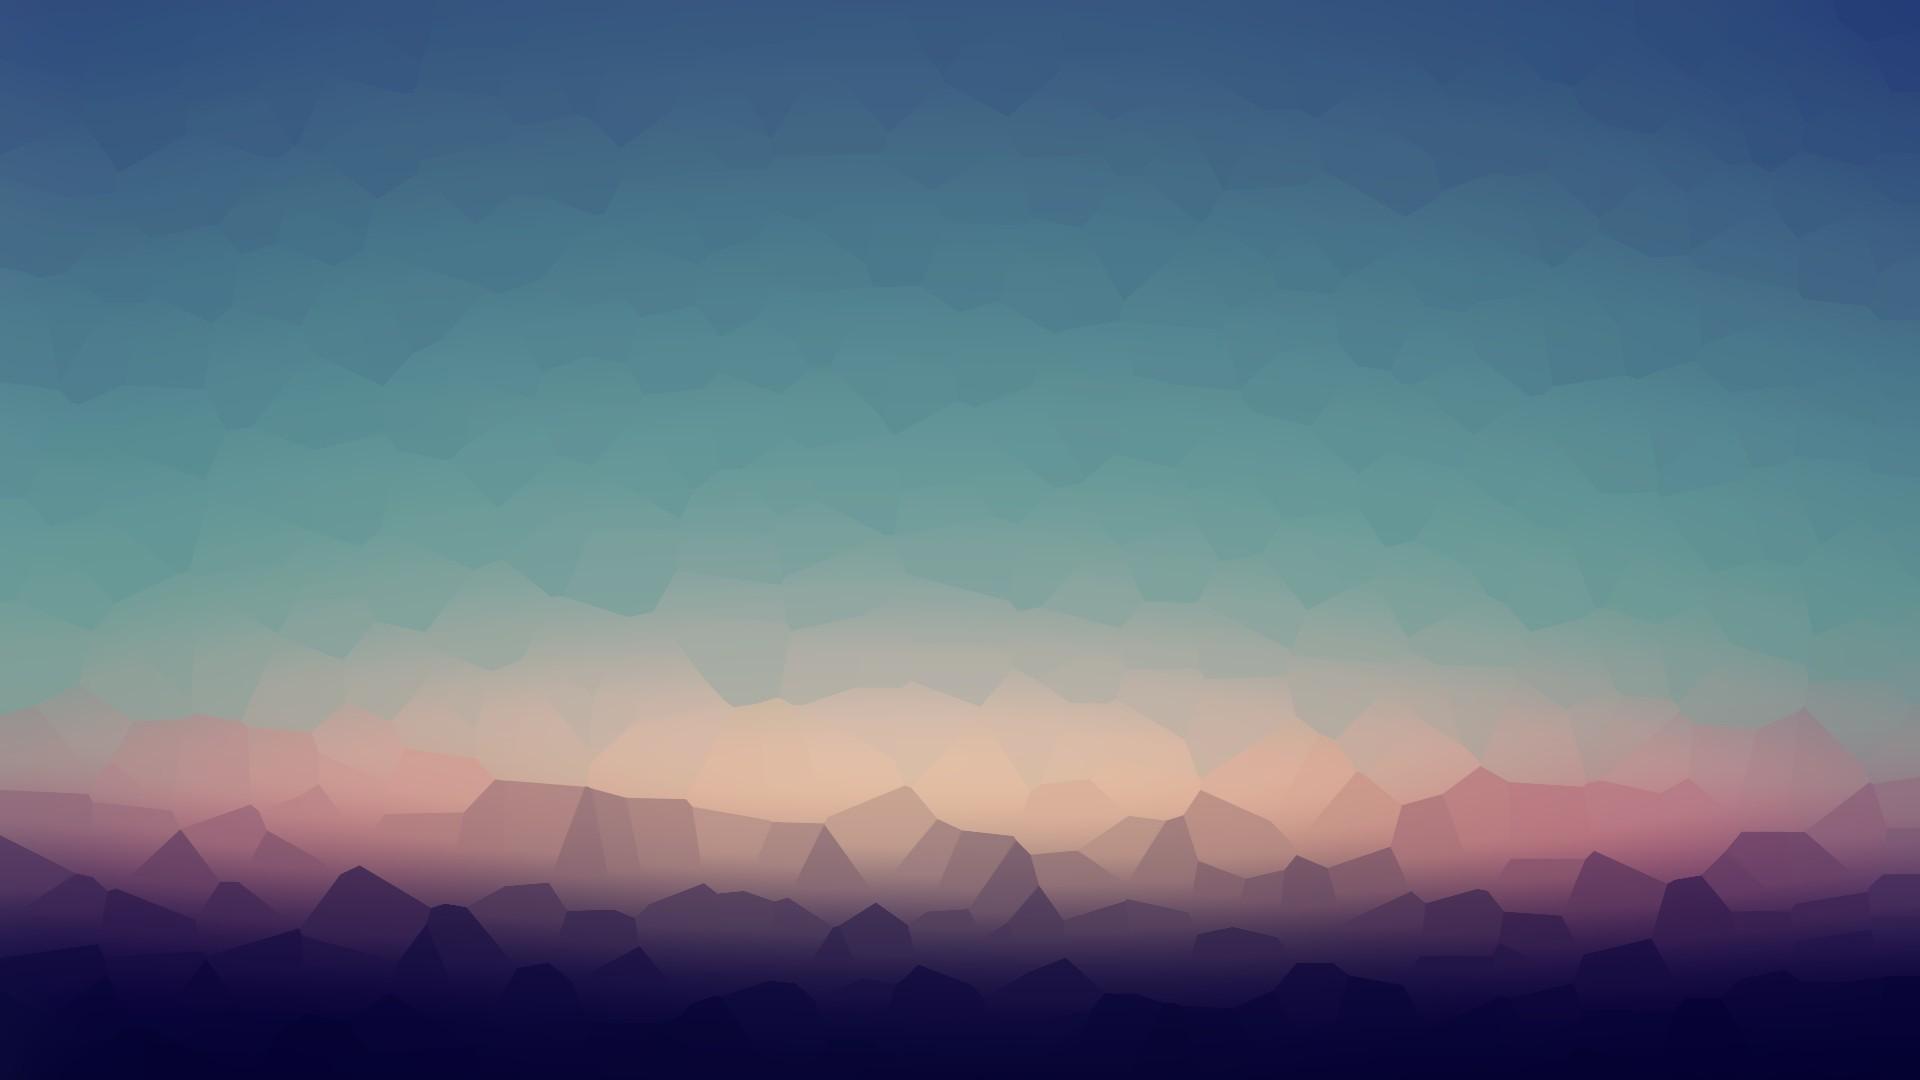 Abstract Mountain Hd Wallpaper Wallpaper List 1920x1080